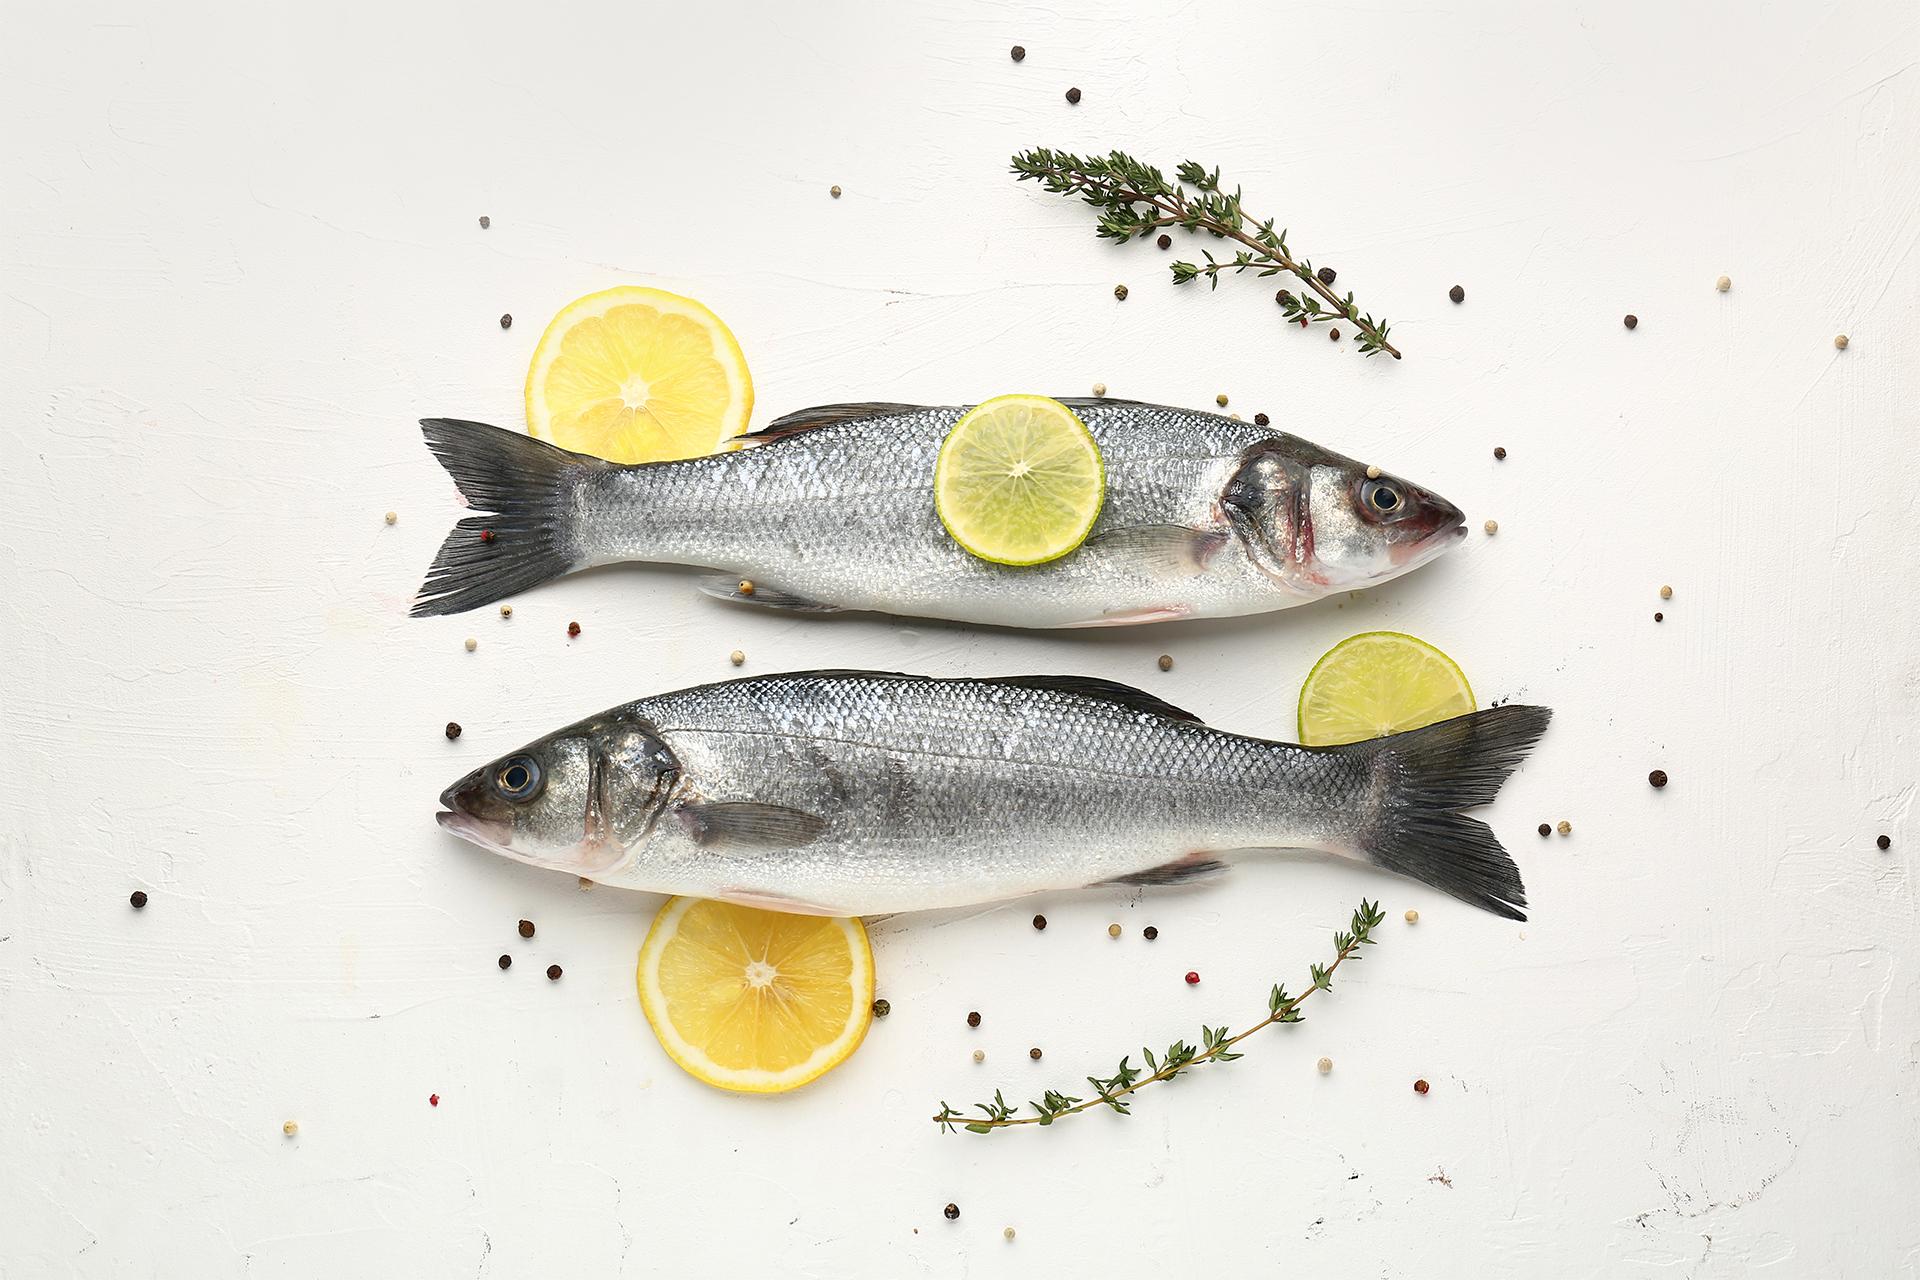 Come riconoscere il pesce fresco: consigli utili